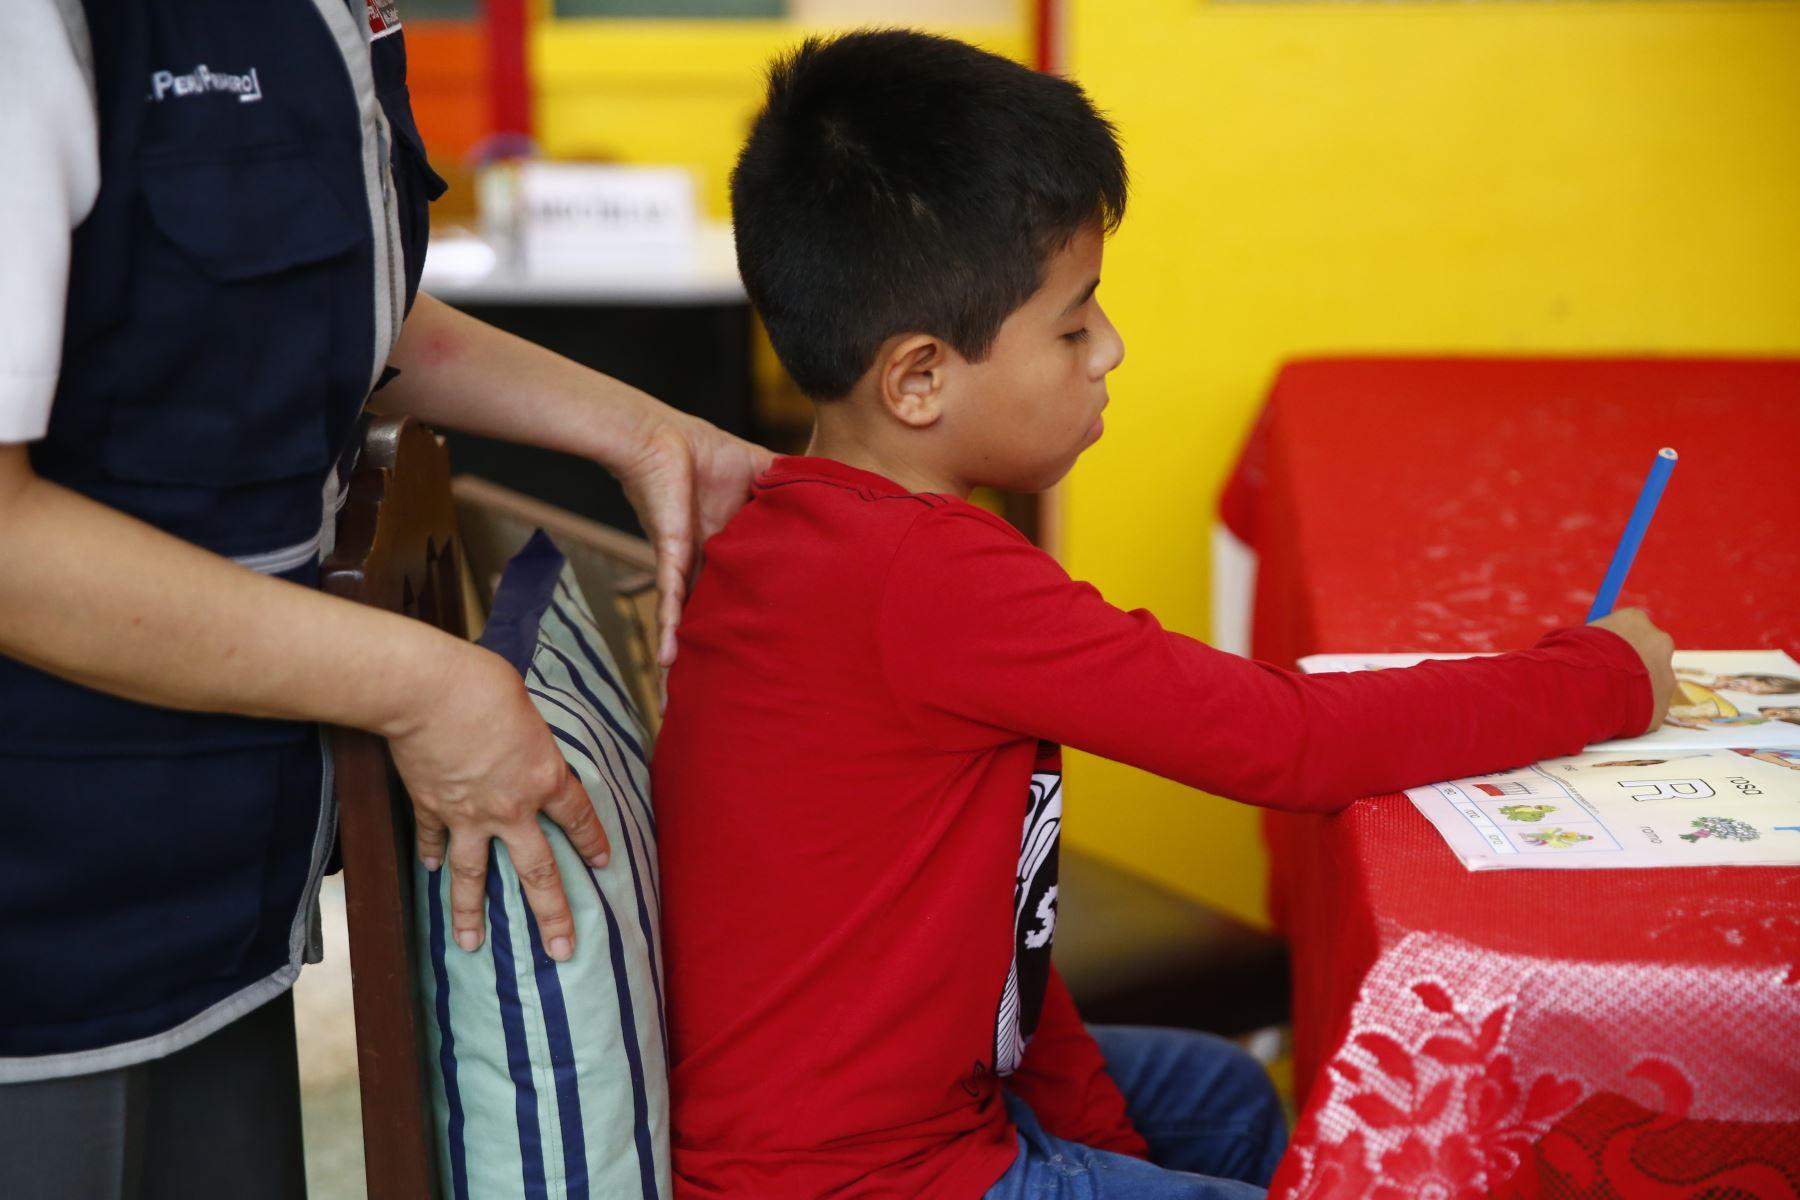 Es recomendable colocar una almohada o cojín en el espaldar del niño cuando realiza sus tareas a fin de que tenga una buena postura. Foto: ANDINA/Jhonel Rodríguez Robles